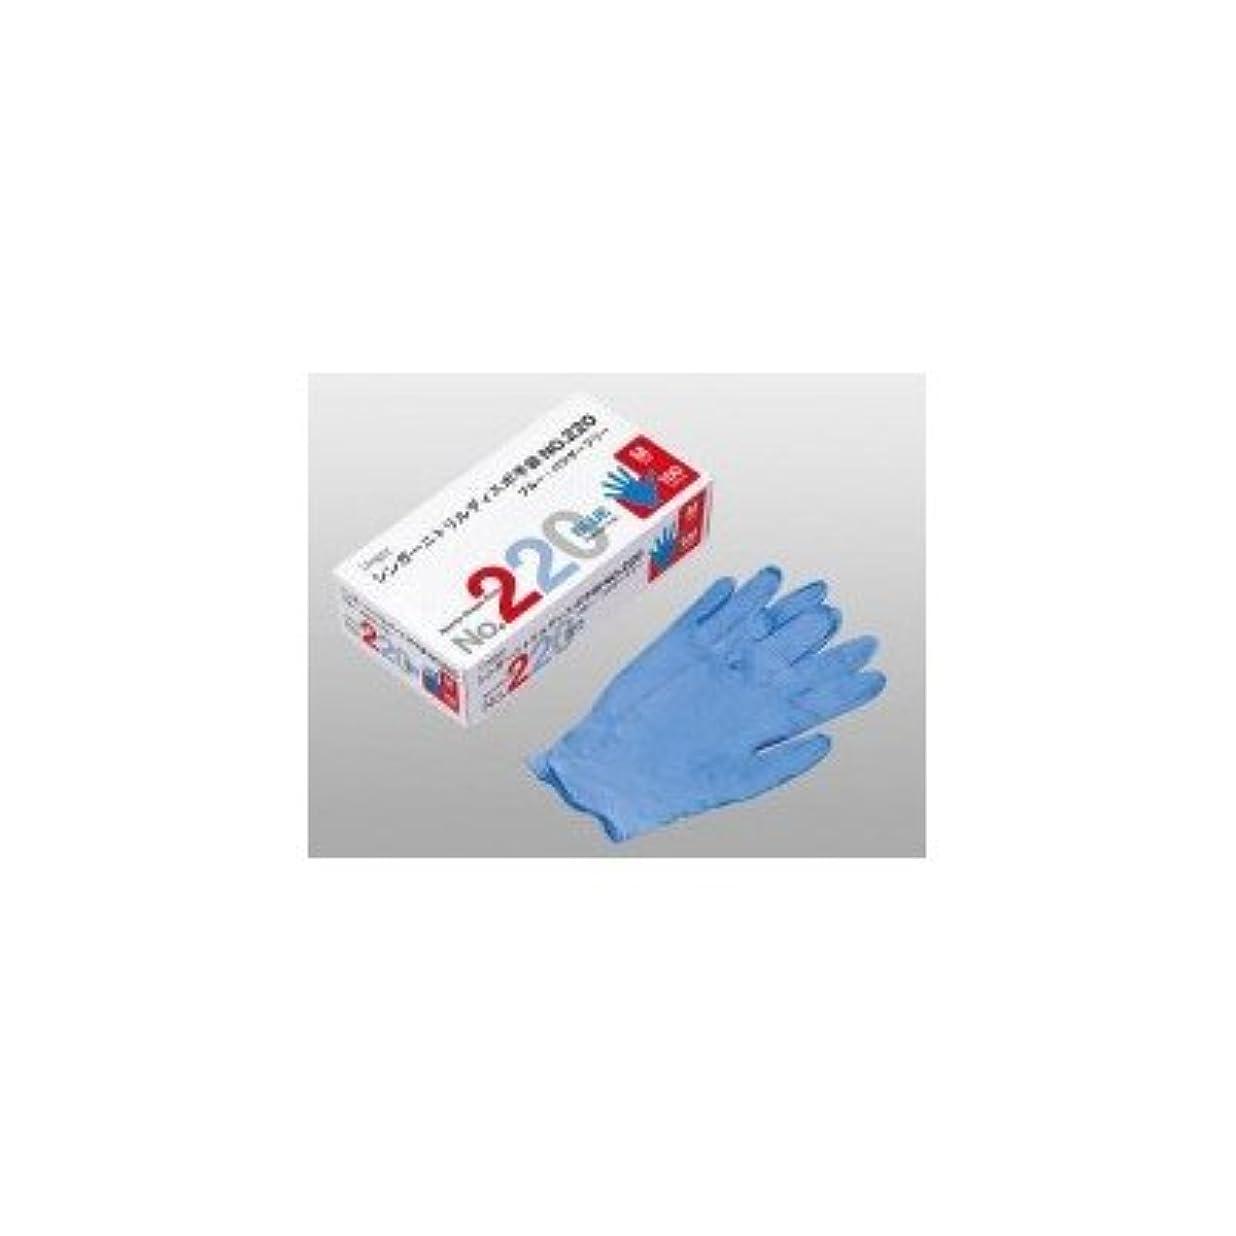 長方形八百屋風刺シンガーニトリルディスポ手袋 No.220 ブルー パウダーフリー(100枚) M( 画像はイメージ画像です お届けの商品はMのみとなります)